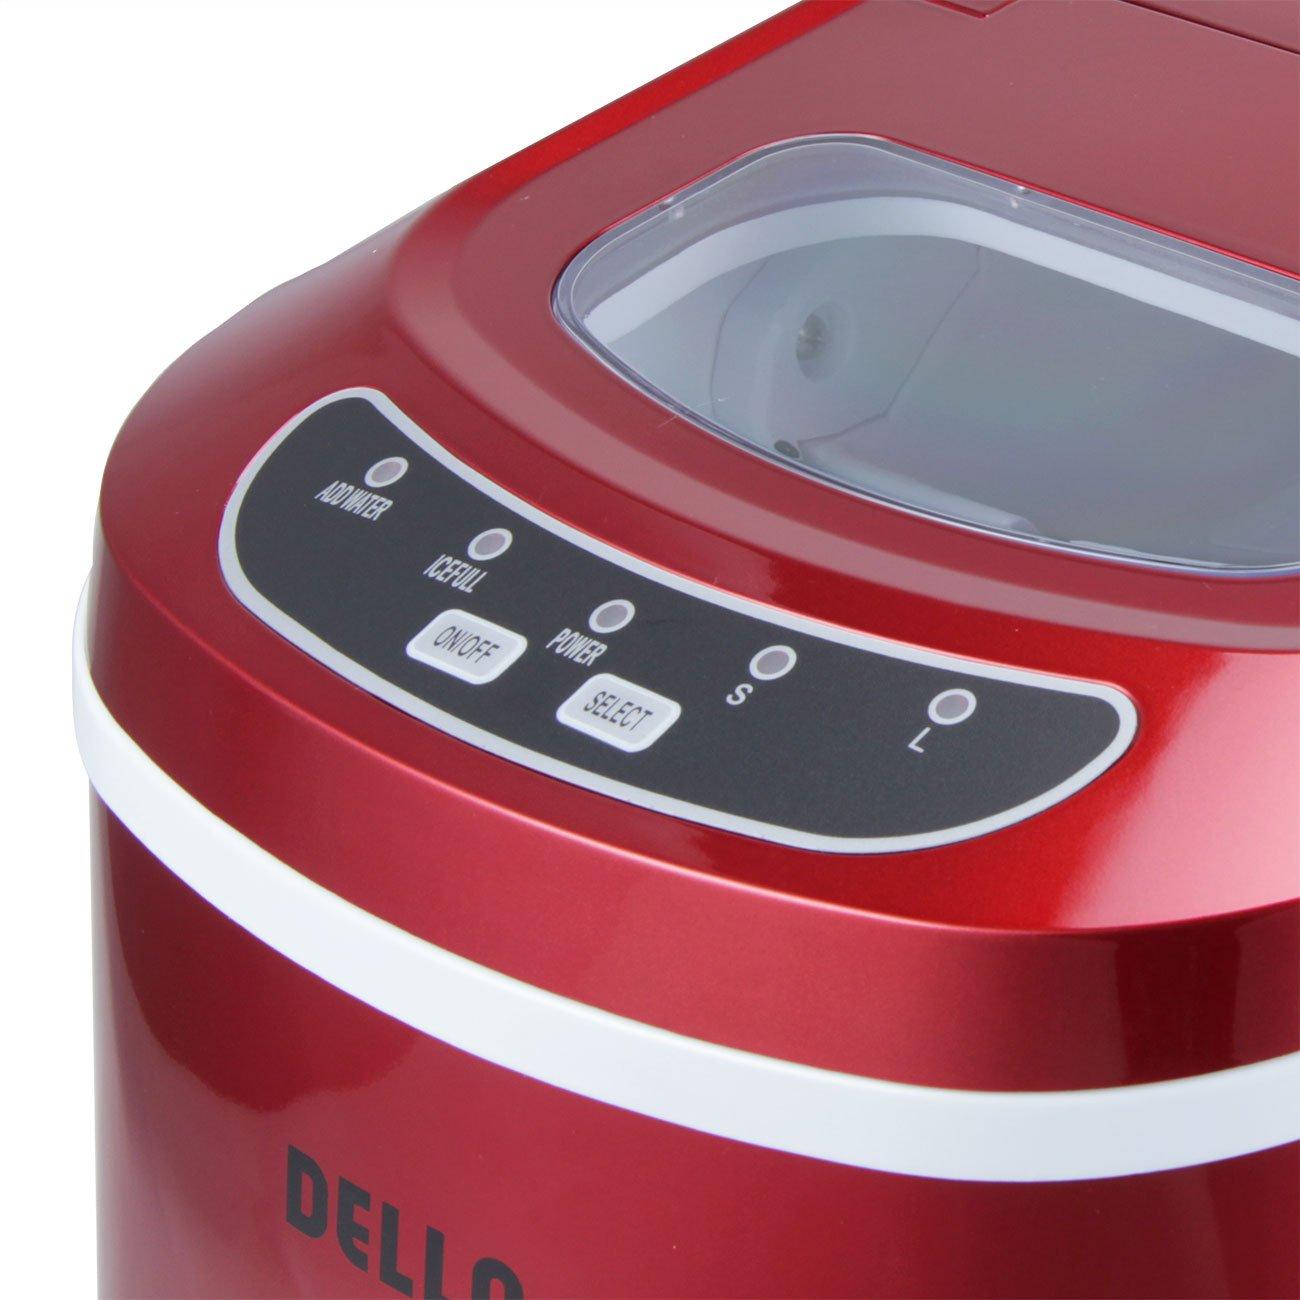 Della Portable Electric Ice Maker Machine Producing 26 Lbs. Of Ice Per Day- Red by DELLA (Image #5)